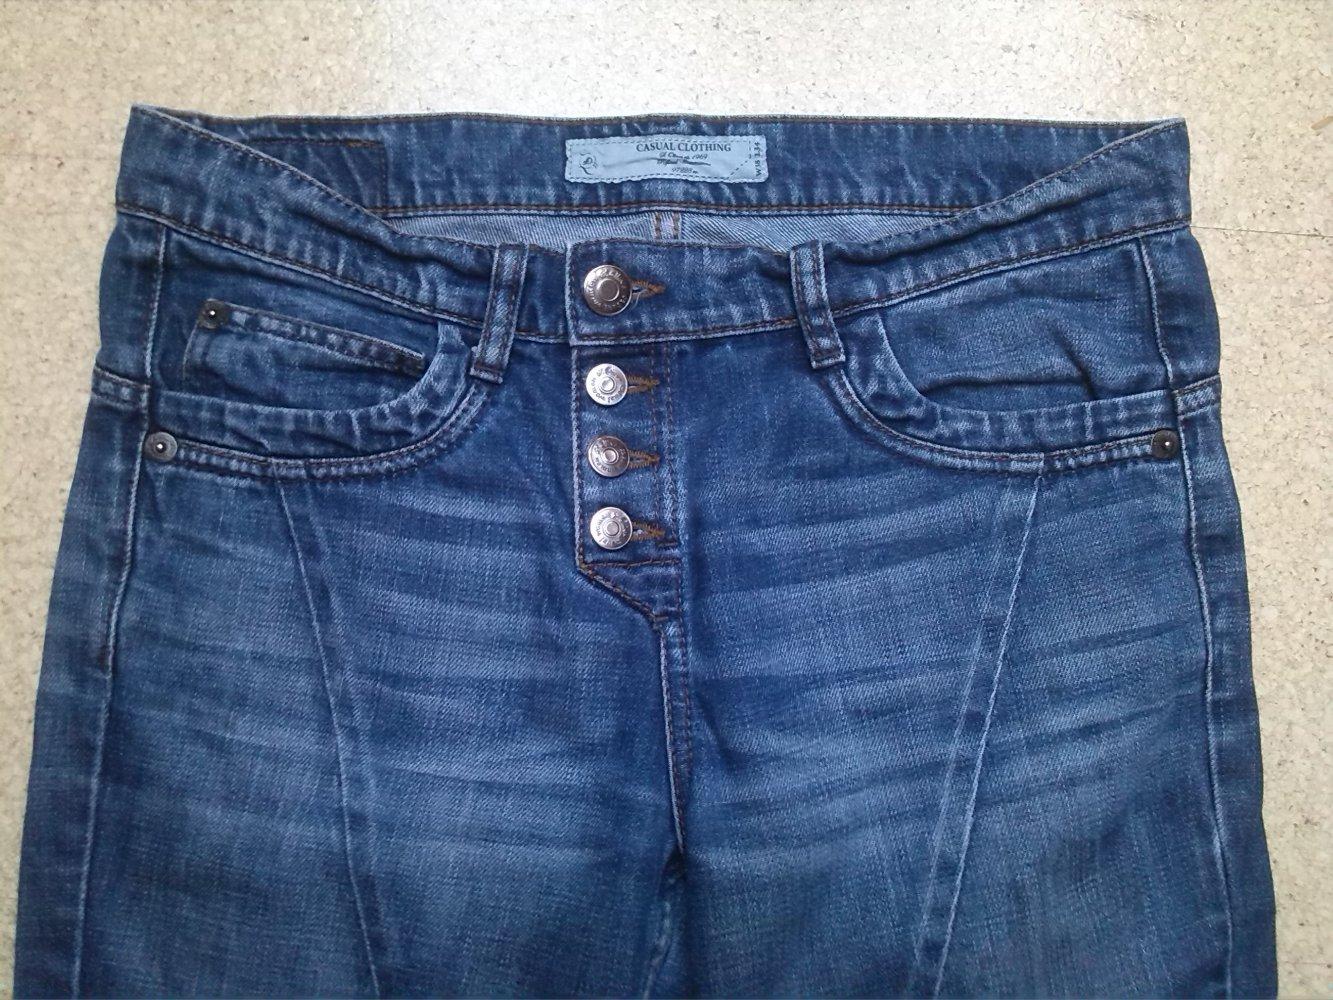 Straßenpreis schön und charmant hohe Qualität Damen Jeans Boyfriend blau Gr. 38 / 34 S. Oliver casual used look